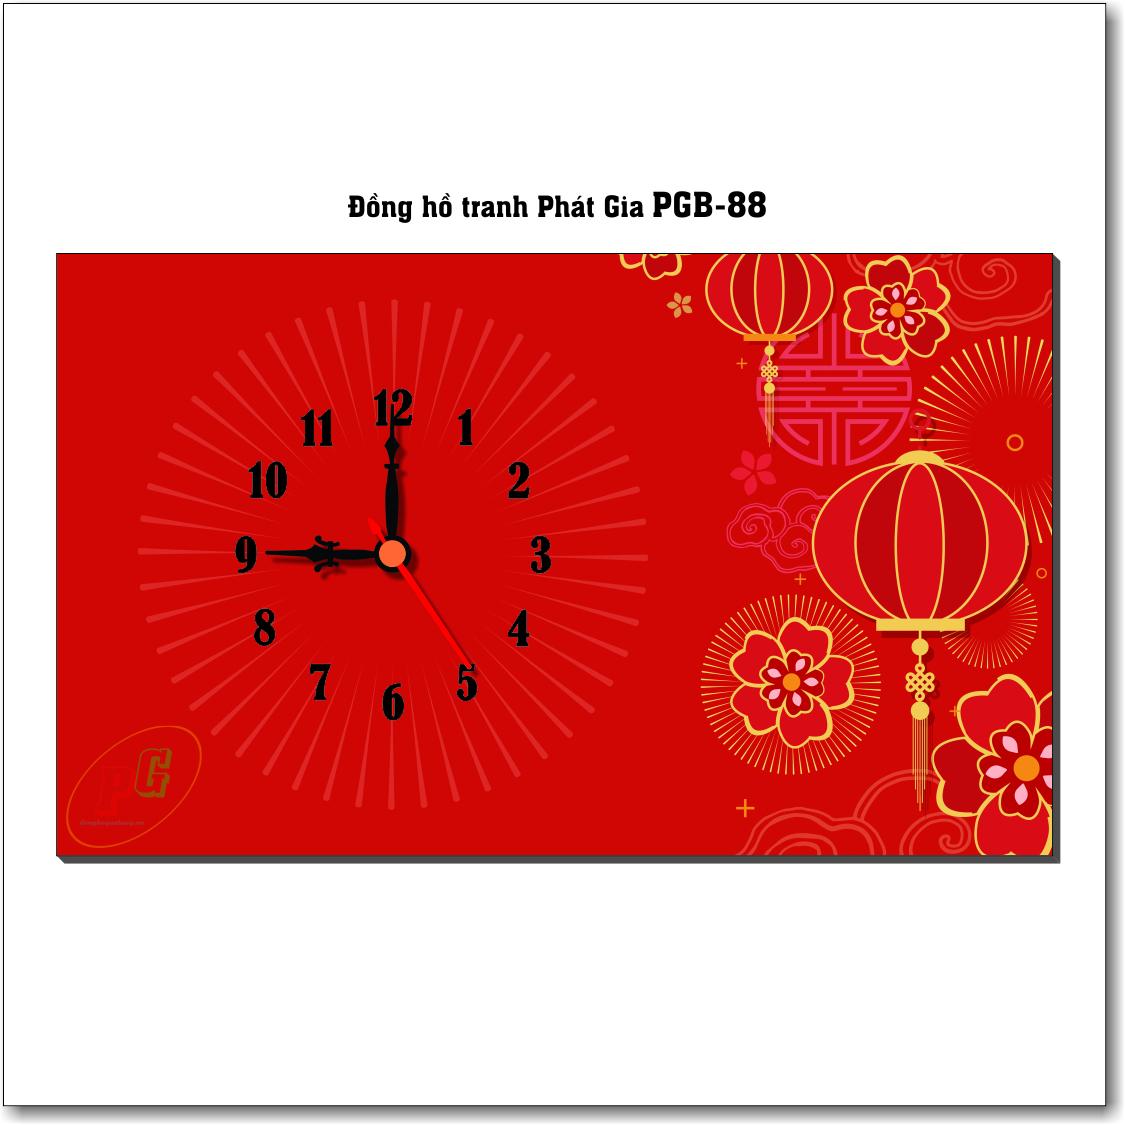 Đồng hồ tranh để bàn PGB-88